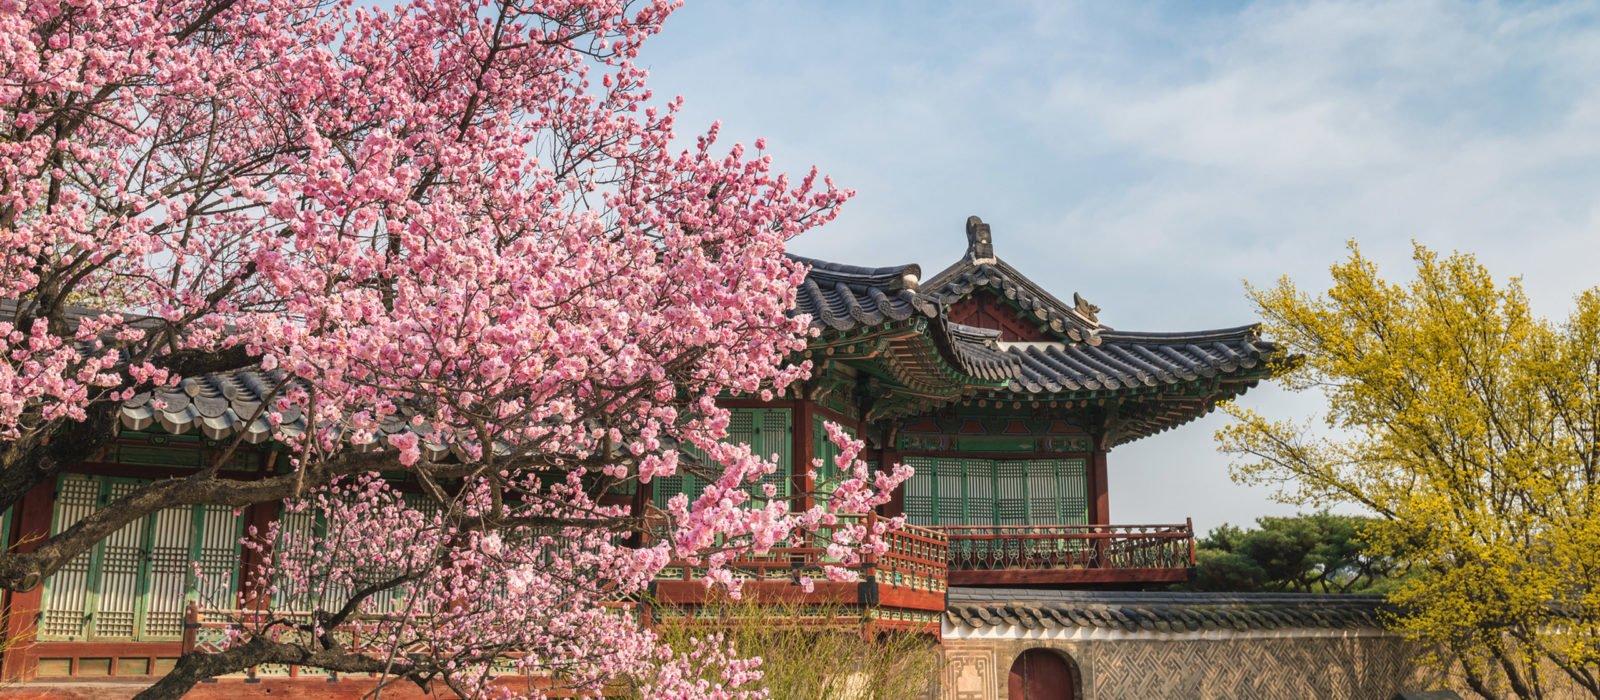 spring-cherry-blossom-seoul-south-korea